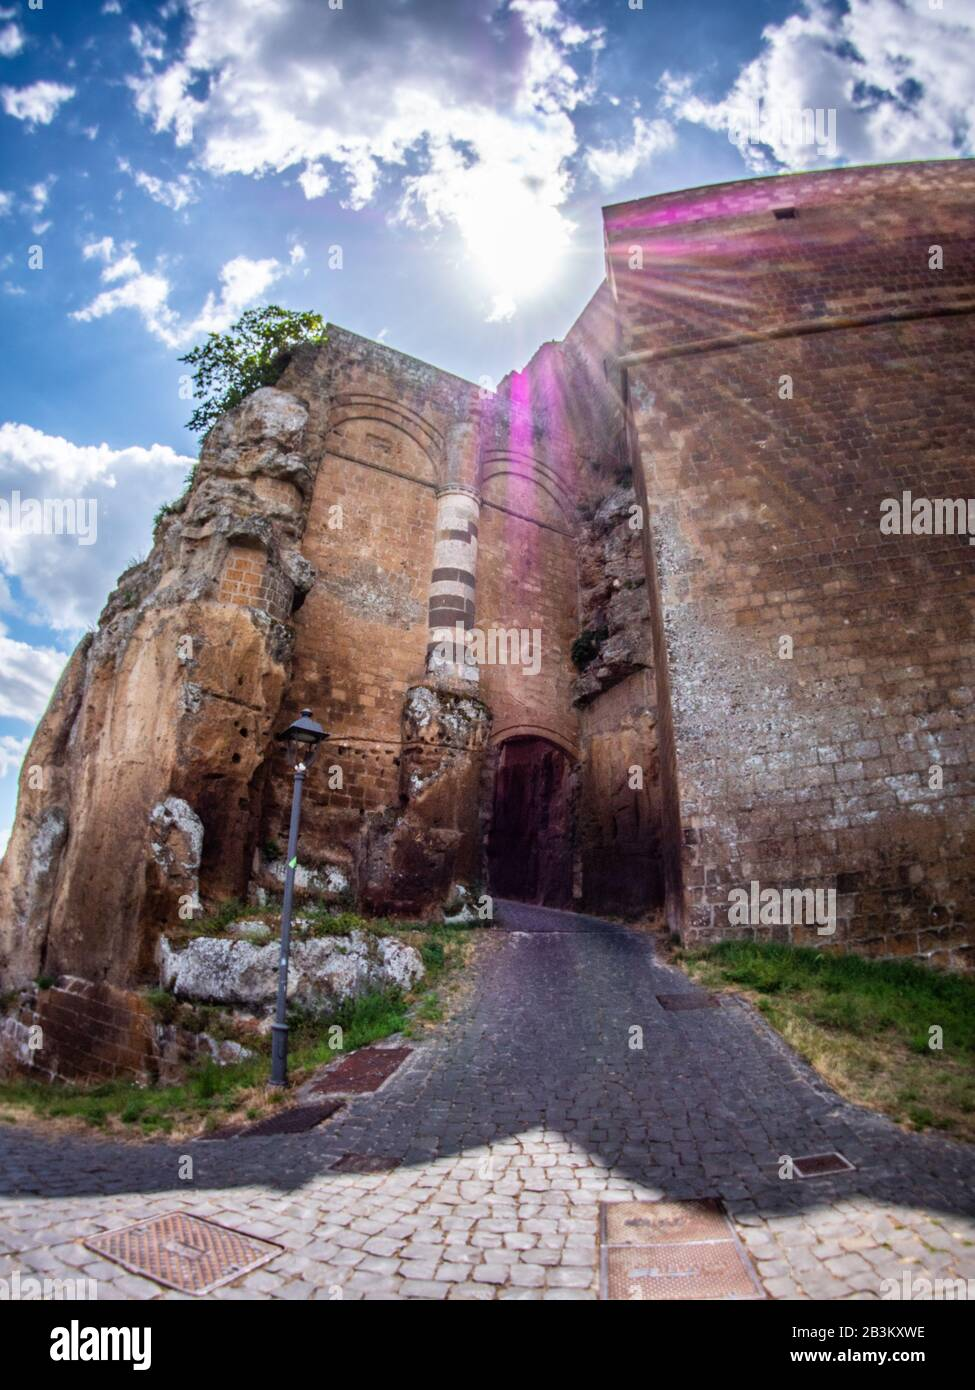 Italy, Umbria, Orvieto, Albornoz fortress, now public garden Stock Photo